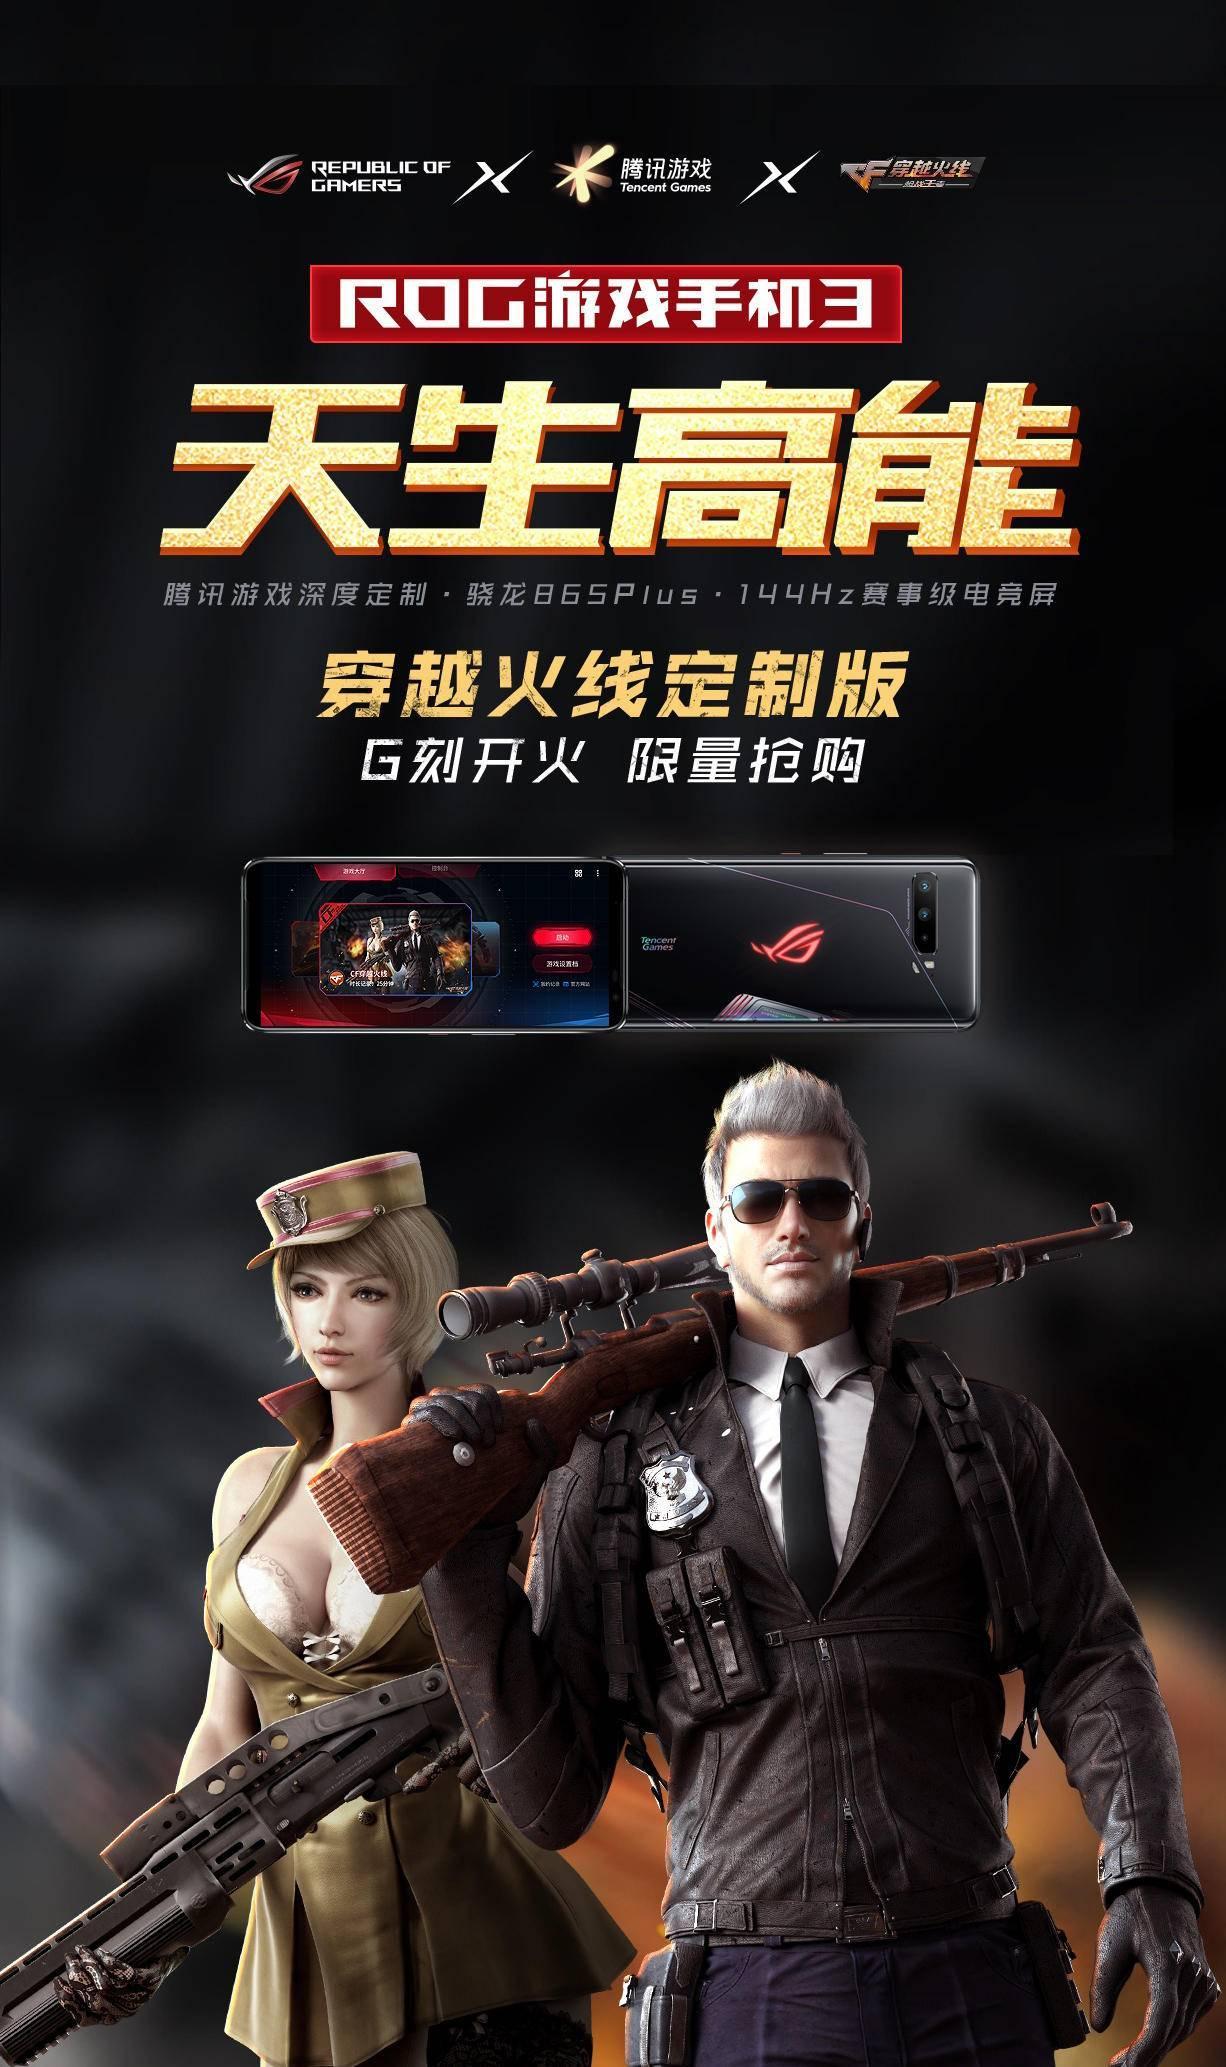 cf蓝钻礼包_爷青回!ROG游戏手机3穿越火线版上线,加量不加价福利满满